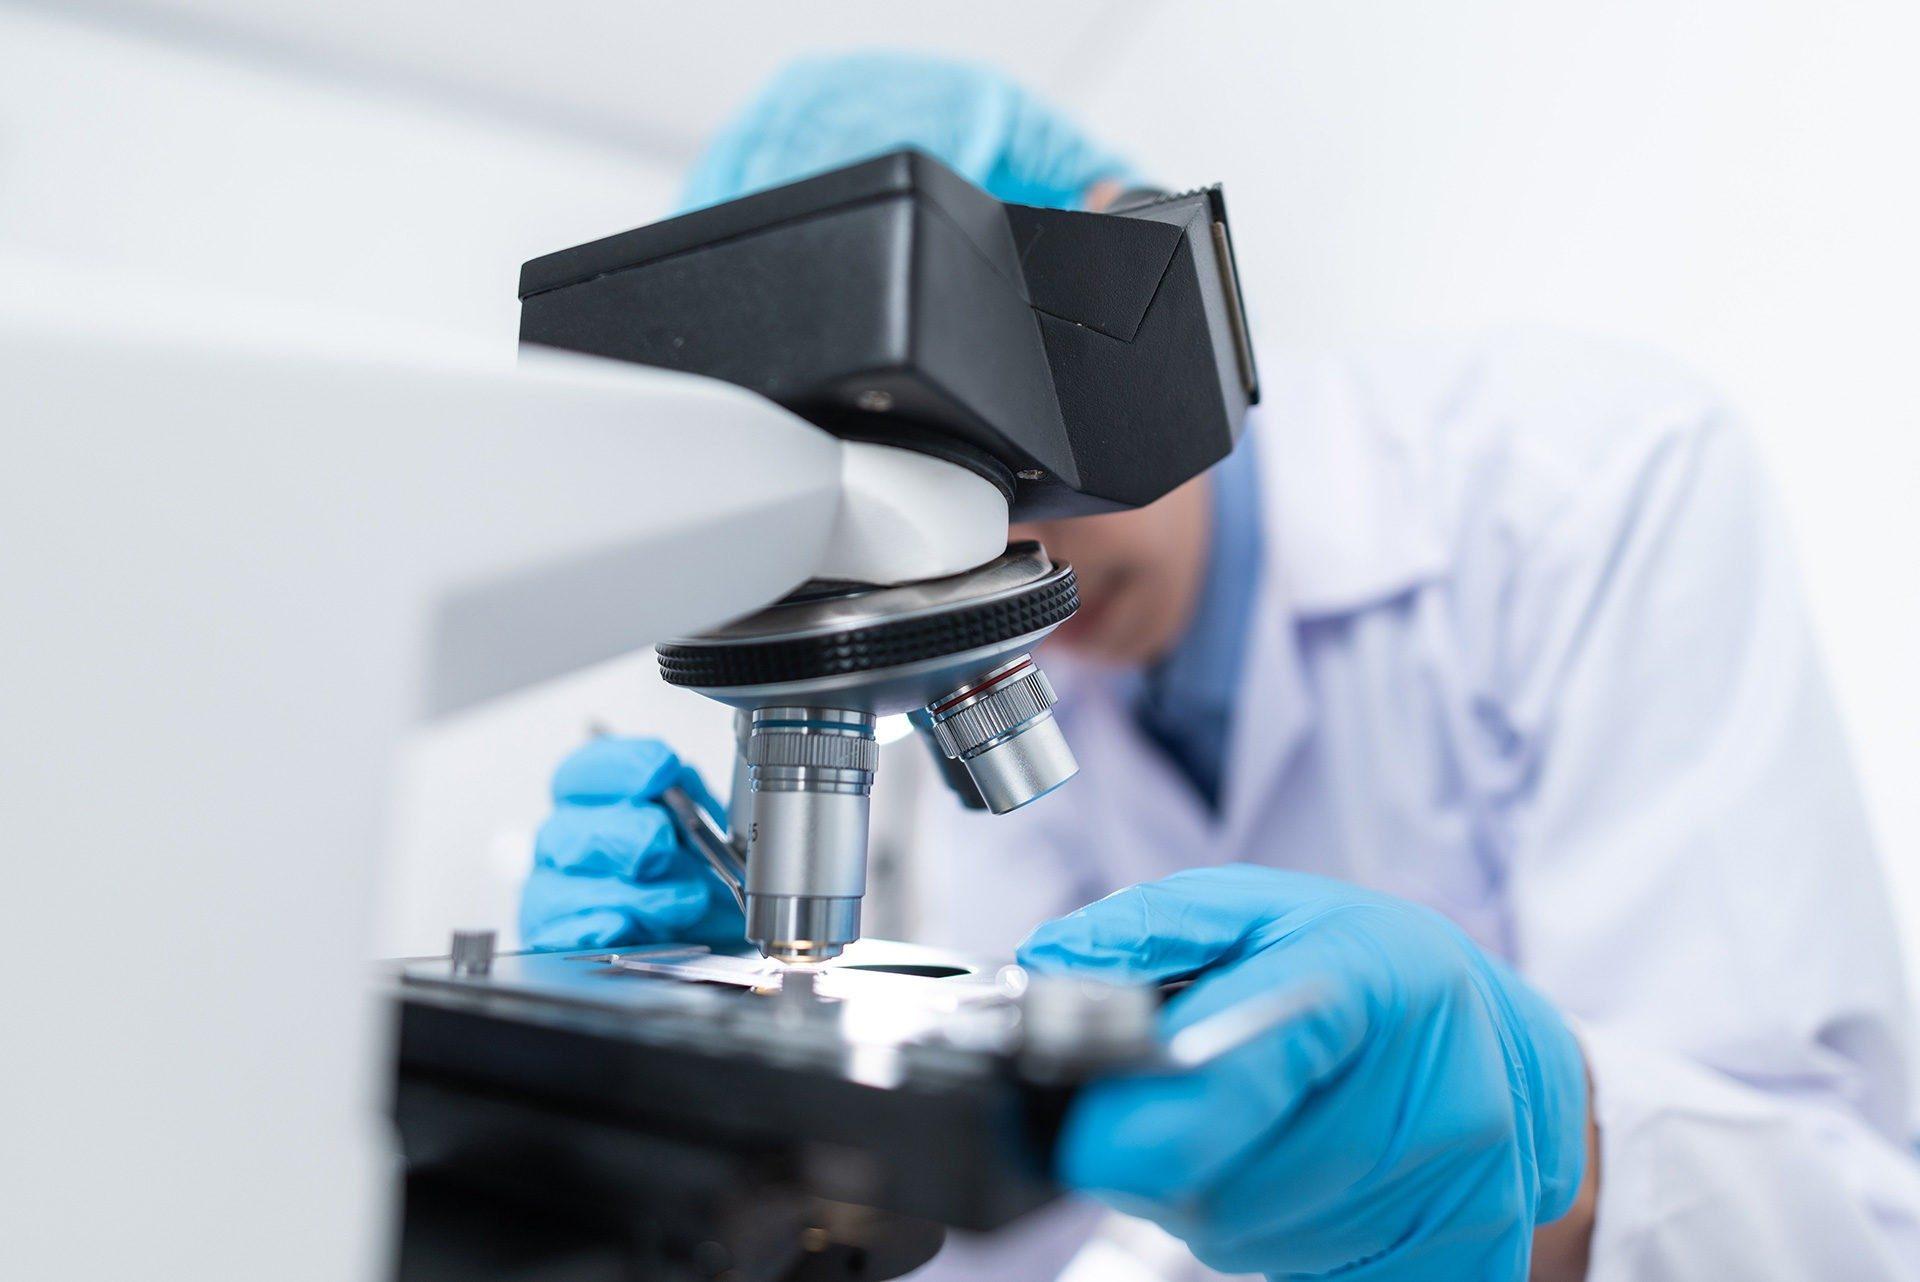 Είναι η Κατάψυξη Ωαρίων ή η Κατάψυξη Εμβρύων η Καλύτερη Μέθοδος για τη Διατήρηση της Γονιμότητας;